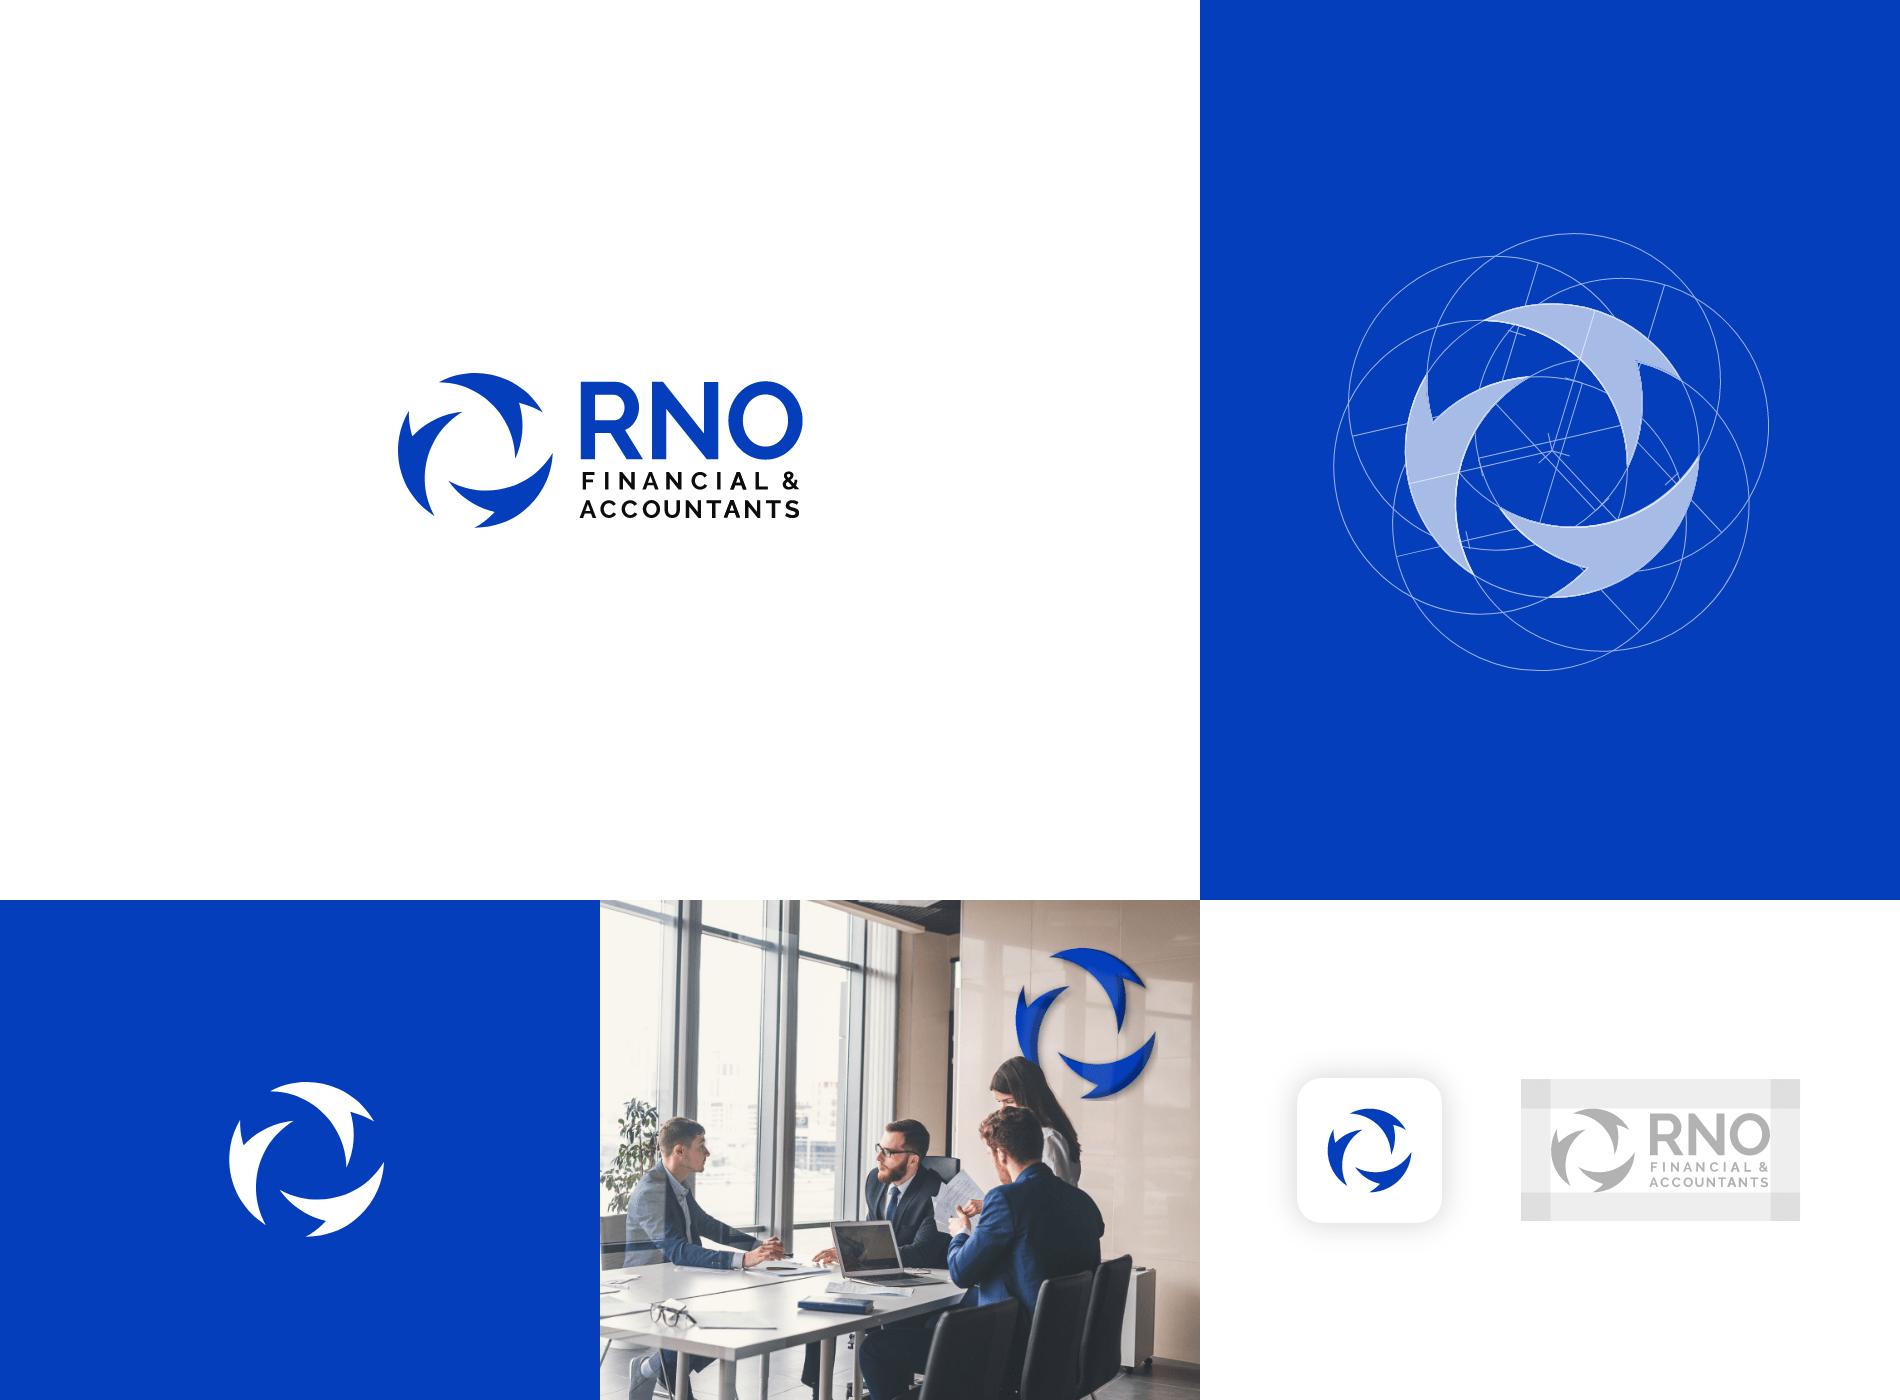 branding diseñador grafico rno financiera logo